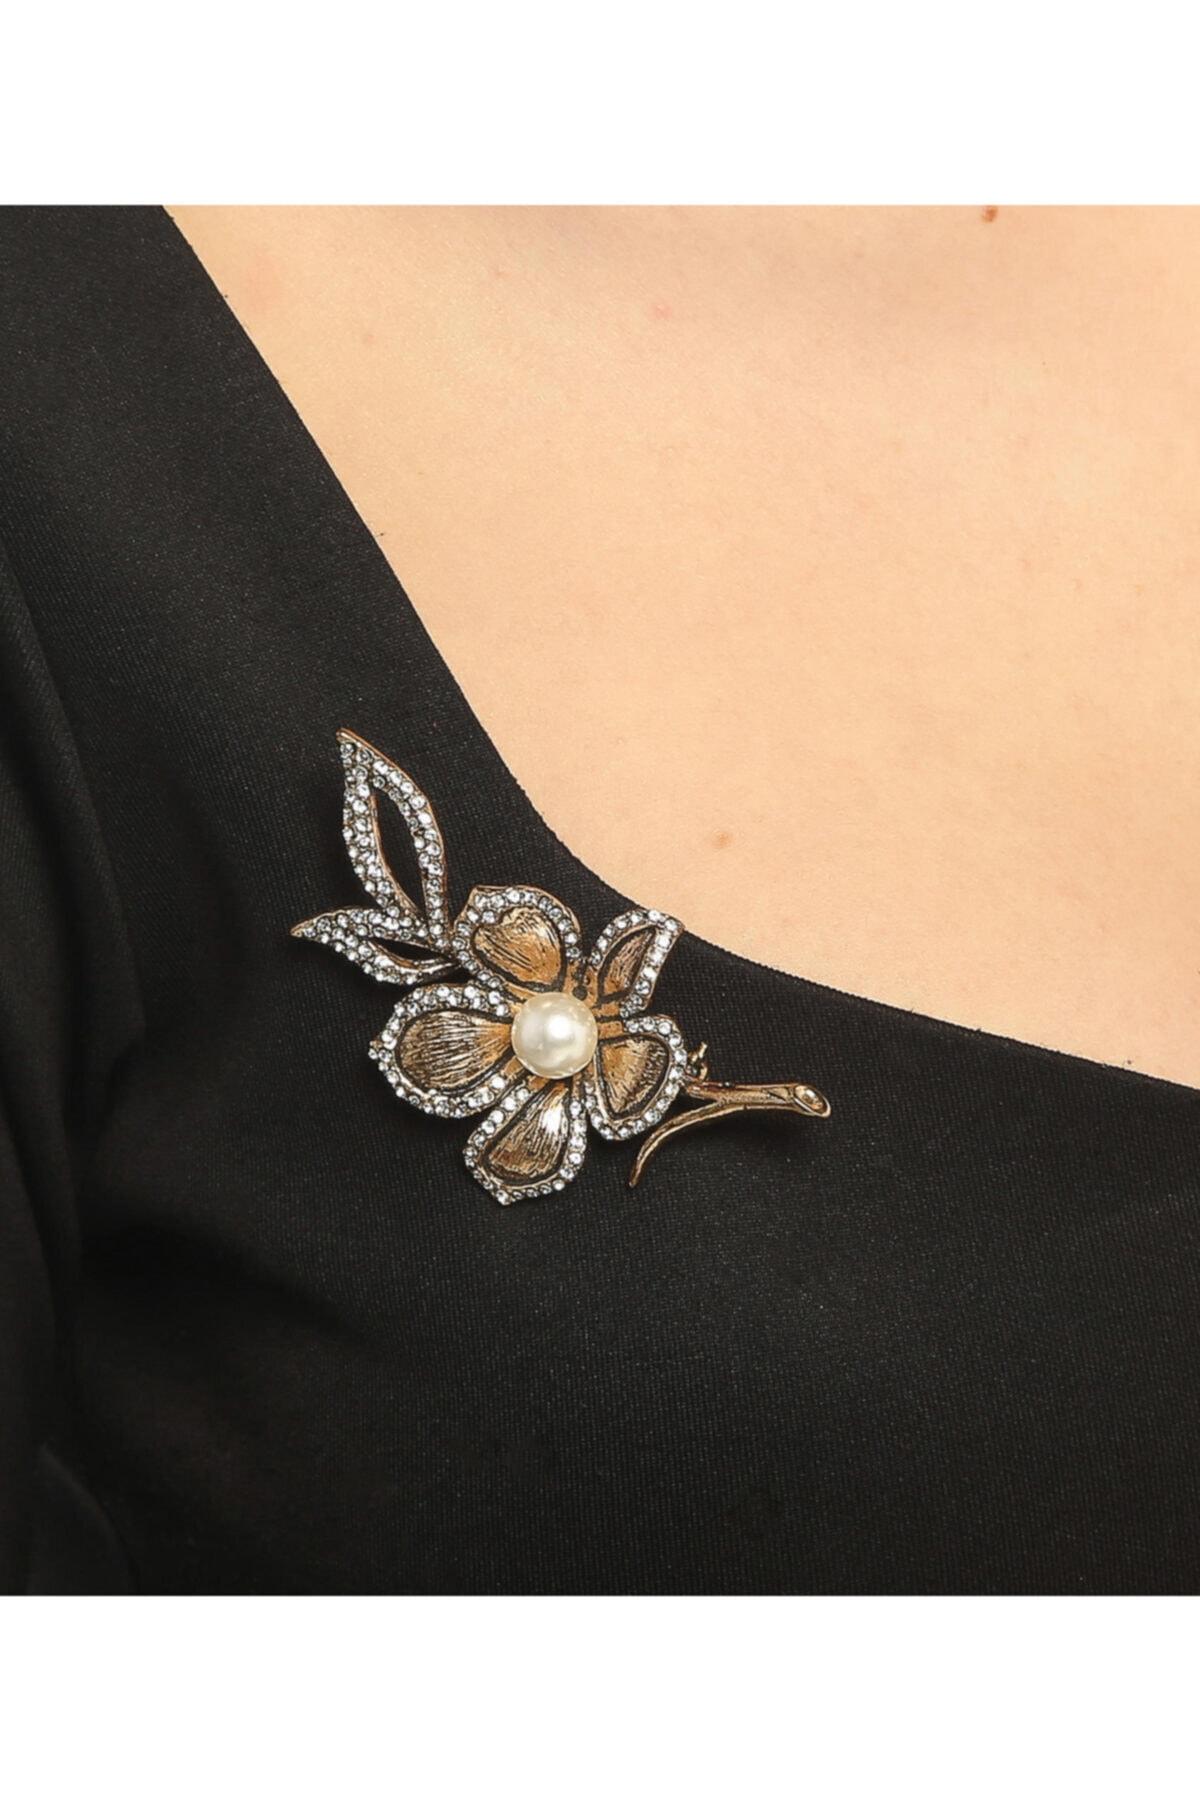 Aşina Gümüş Kadın Altın Çiçek Figürlü Taşlı Broş 1